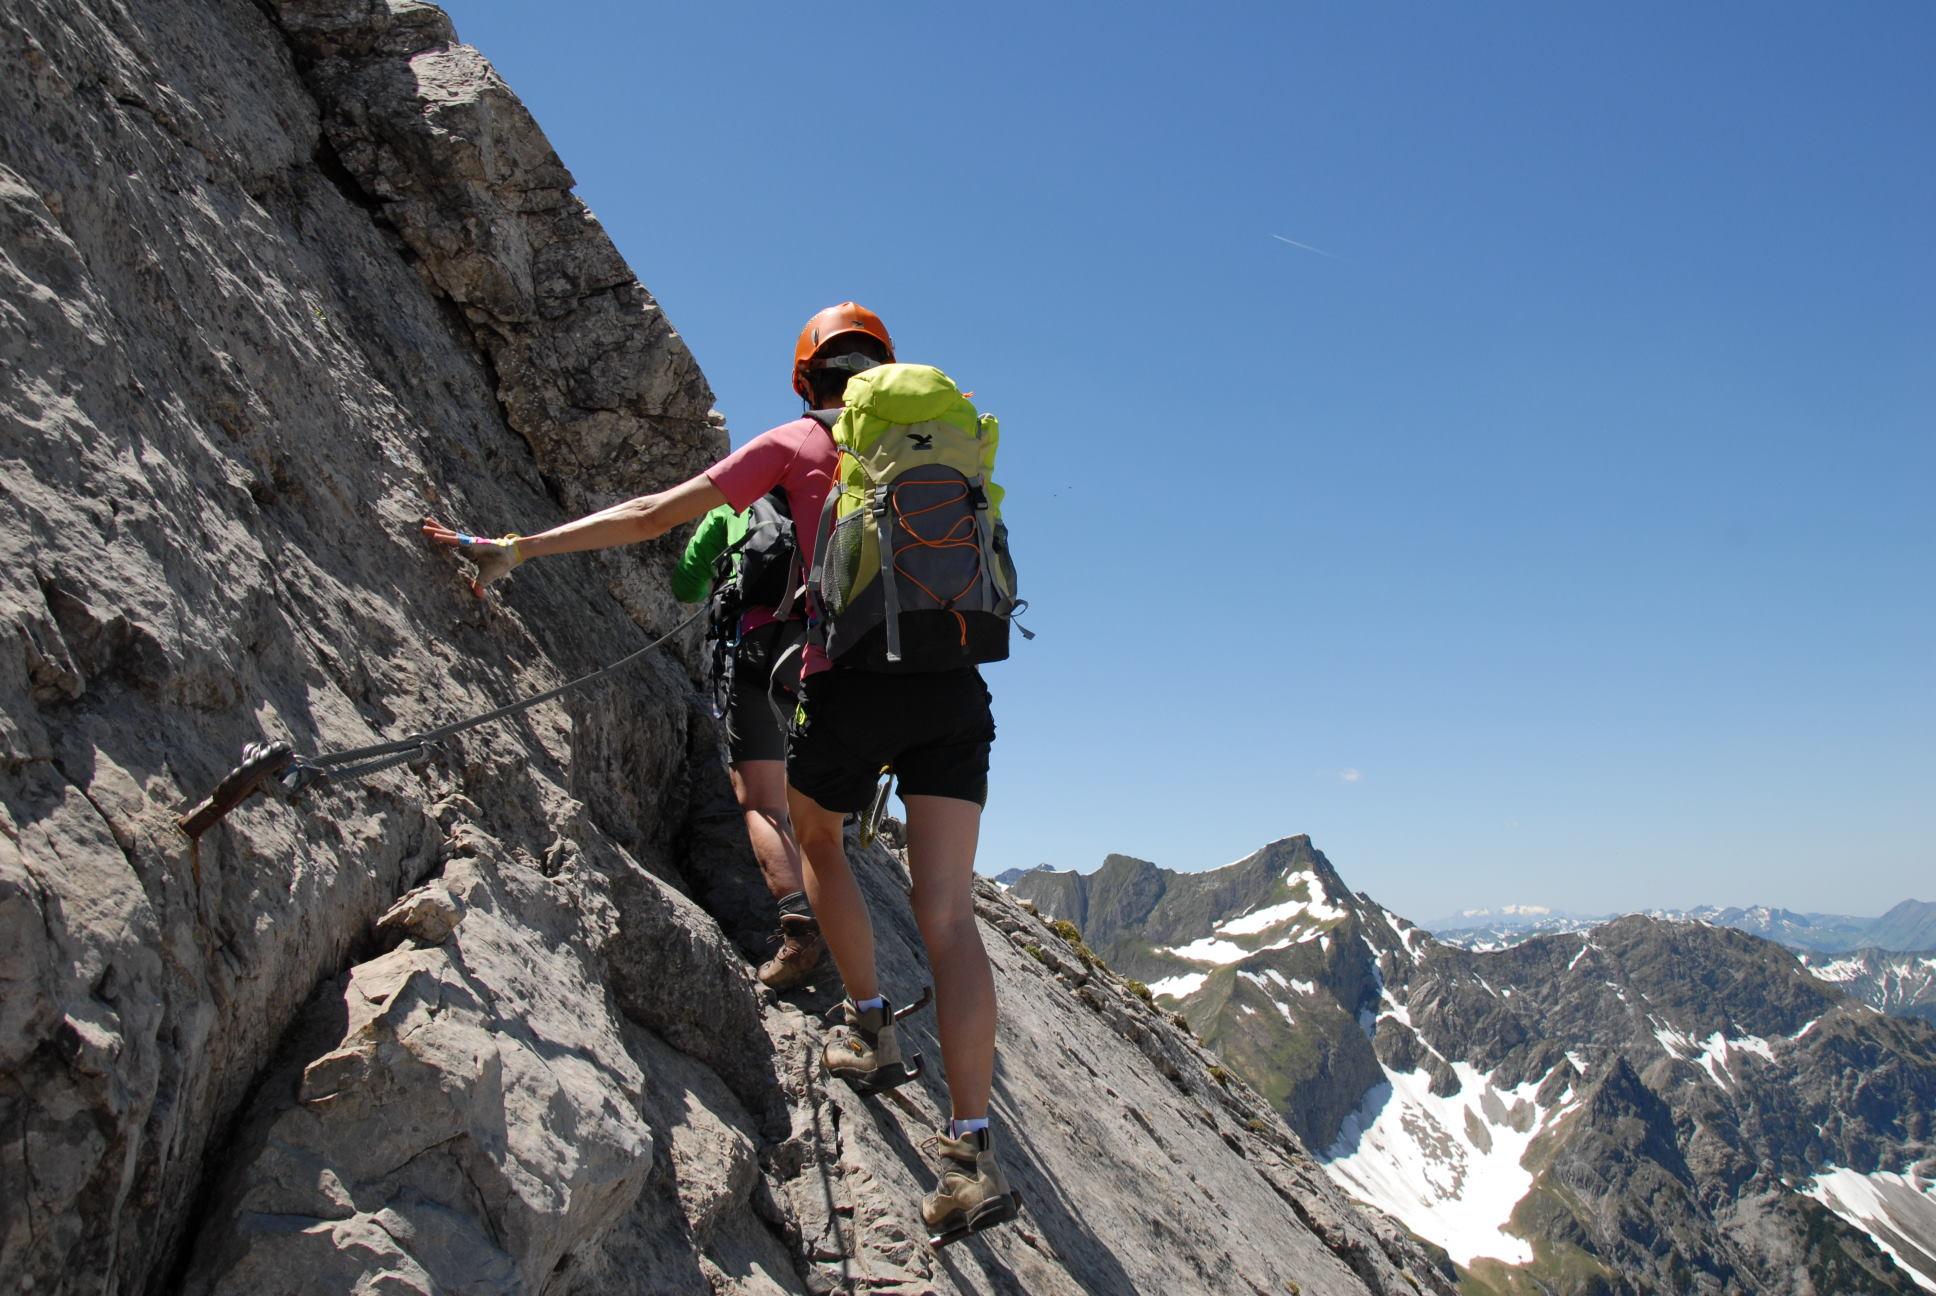 Klettersteig Ausrüstung : Klettersteigausrüstung via ferrata klettersteige